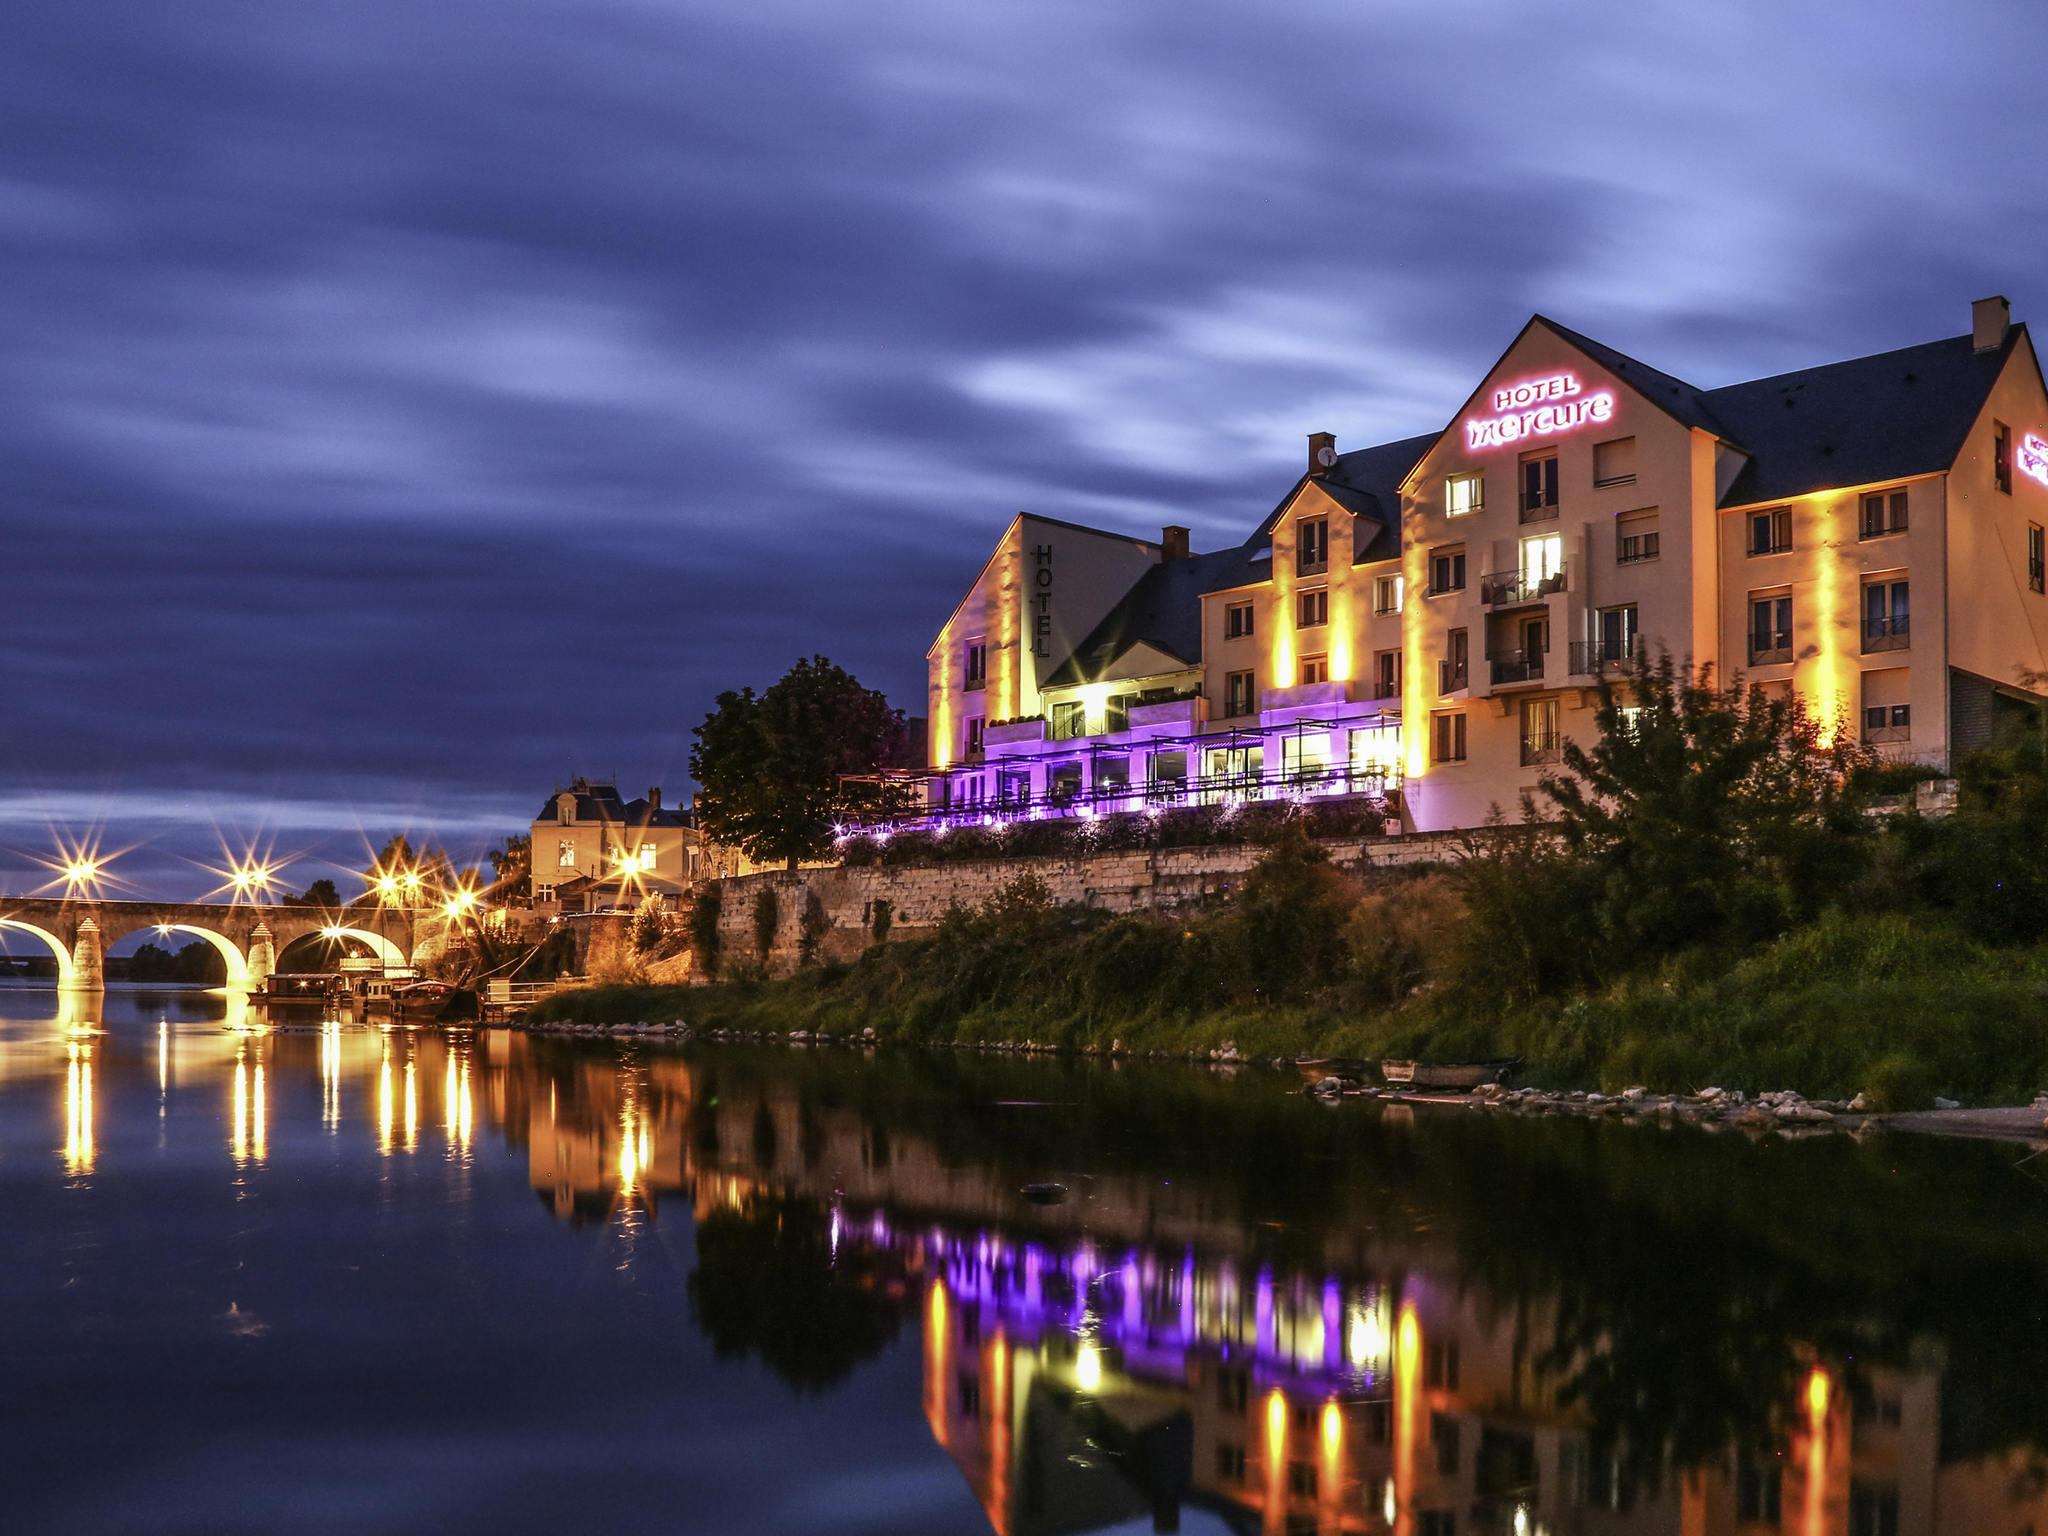 فندق - Hôtel Mercure Bords de Loire Saumur